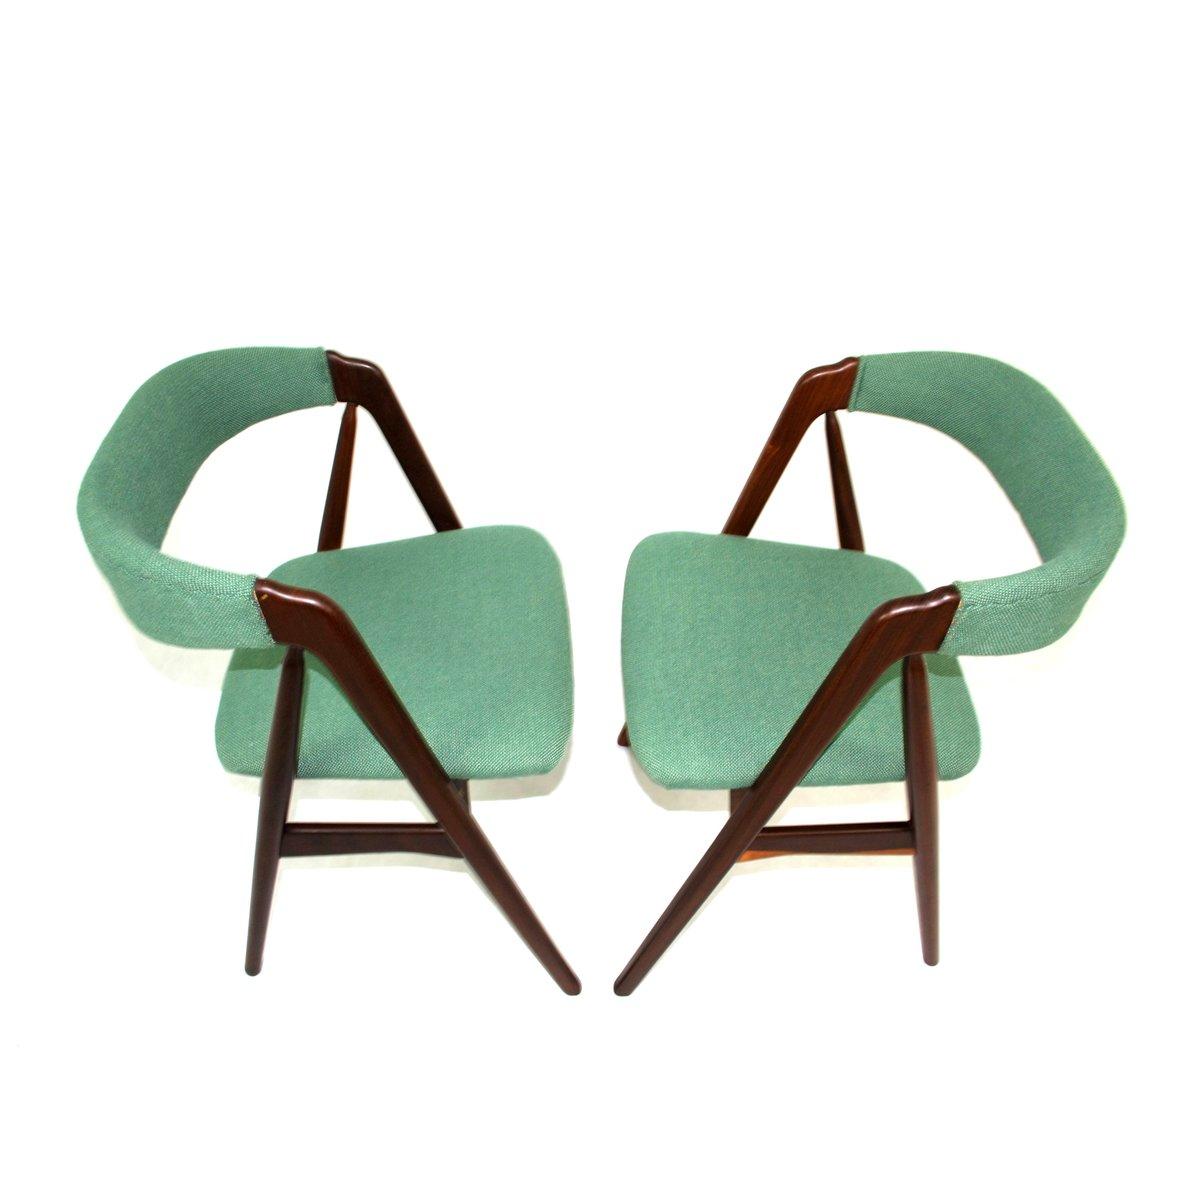 d nische st hle von kai kristiansen f r schou andersen 1960er 2er set bei pamono kaufen. Black Bedroom Furniture Sets. Home Design Ideas